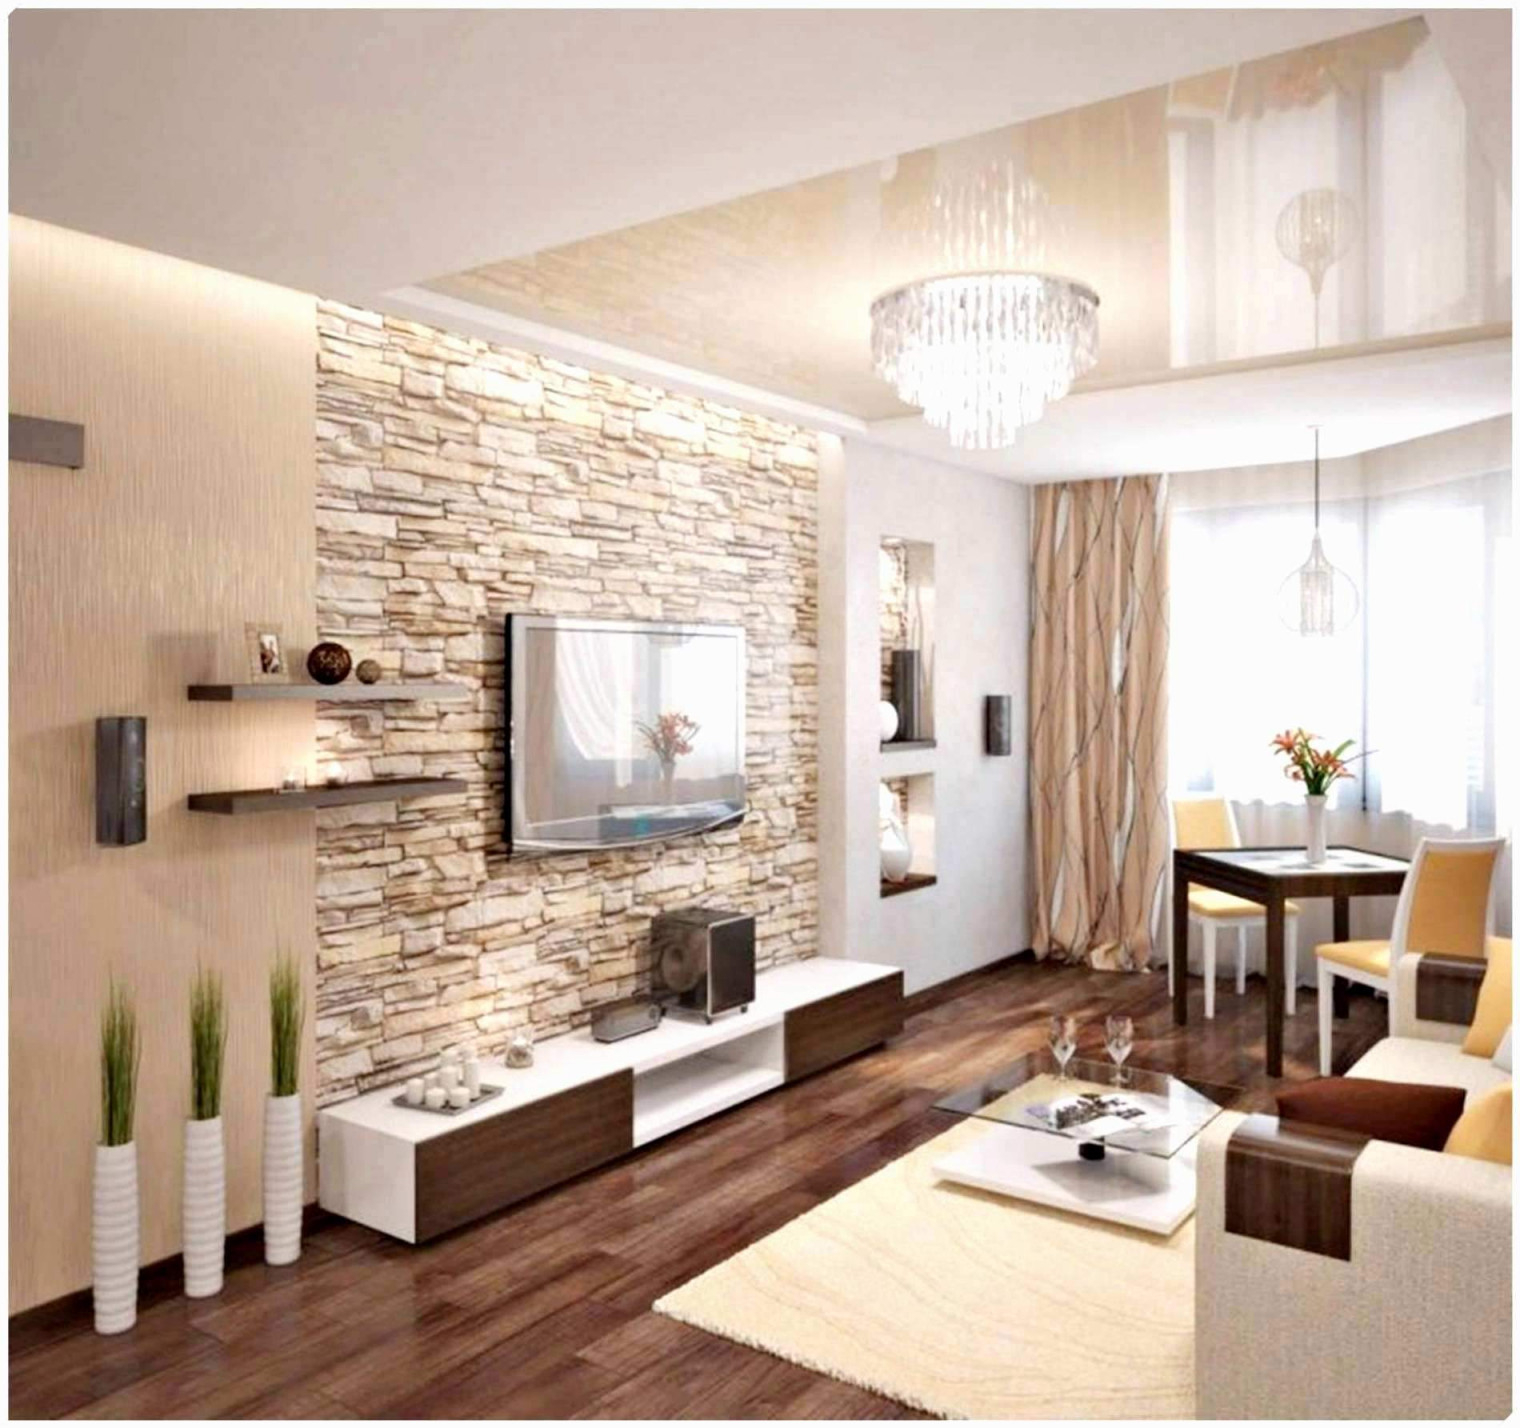 39 Einzigartig Wohnzimmer Tapeten Ideen Modern Das Beste Von von Tapeten Im Wohnzimmer Ideen Bild